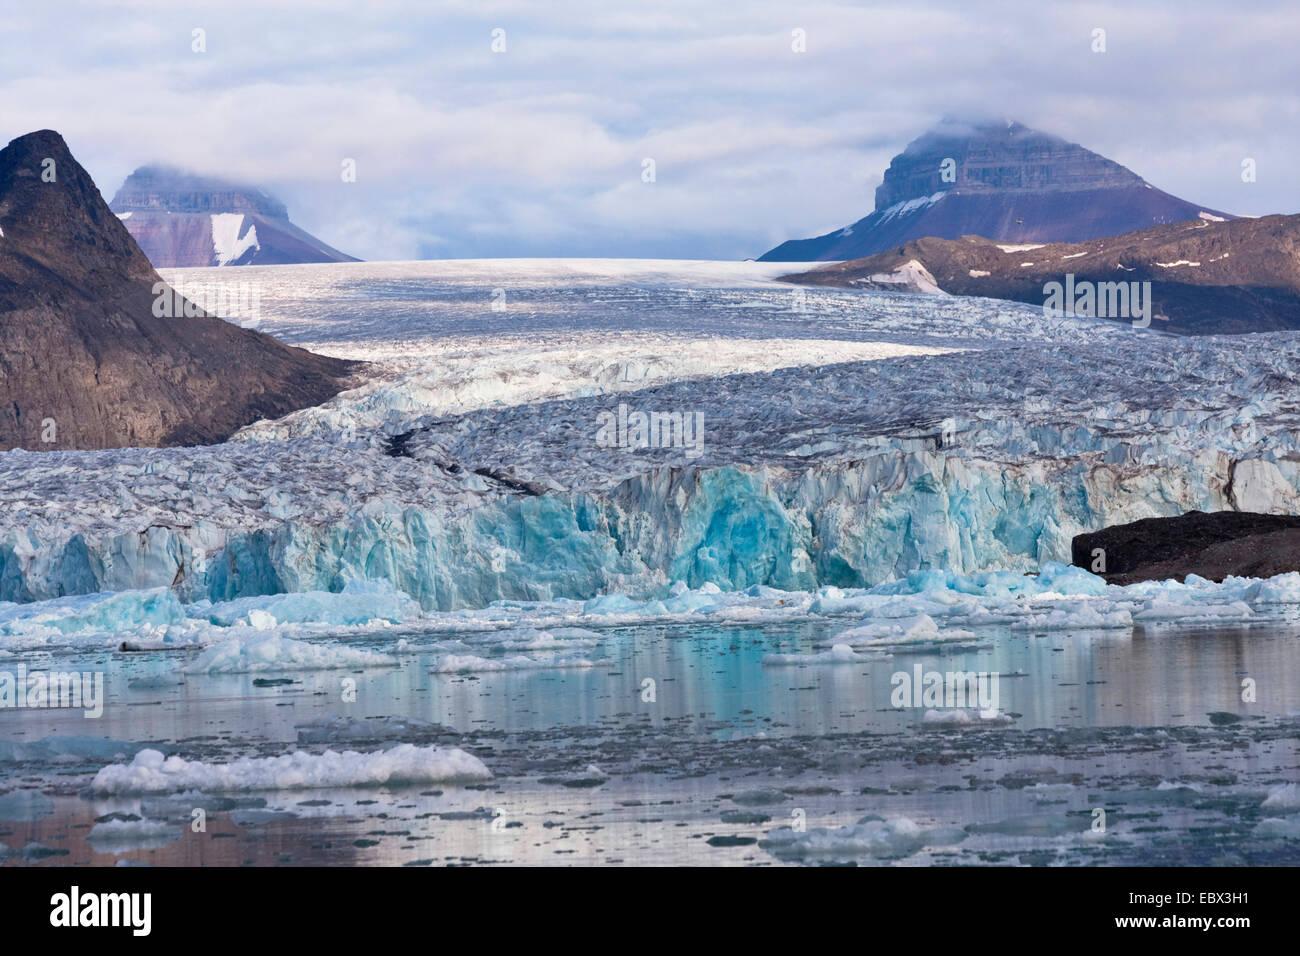 Kongsbreen Gletscher mit Azur Krempe, Norwegen, Spitzbergen, Kongsfjorden Stockbild